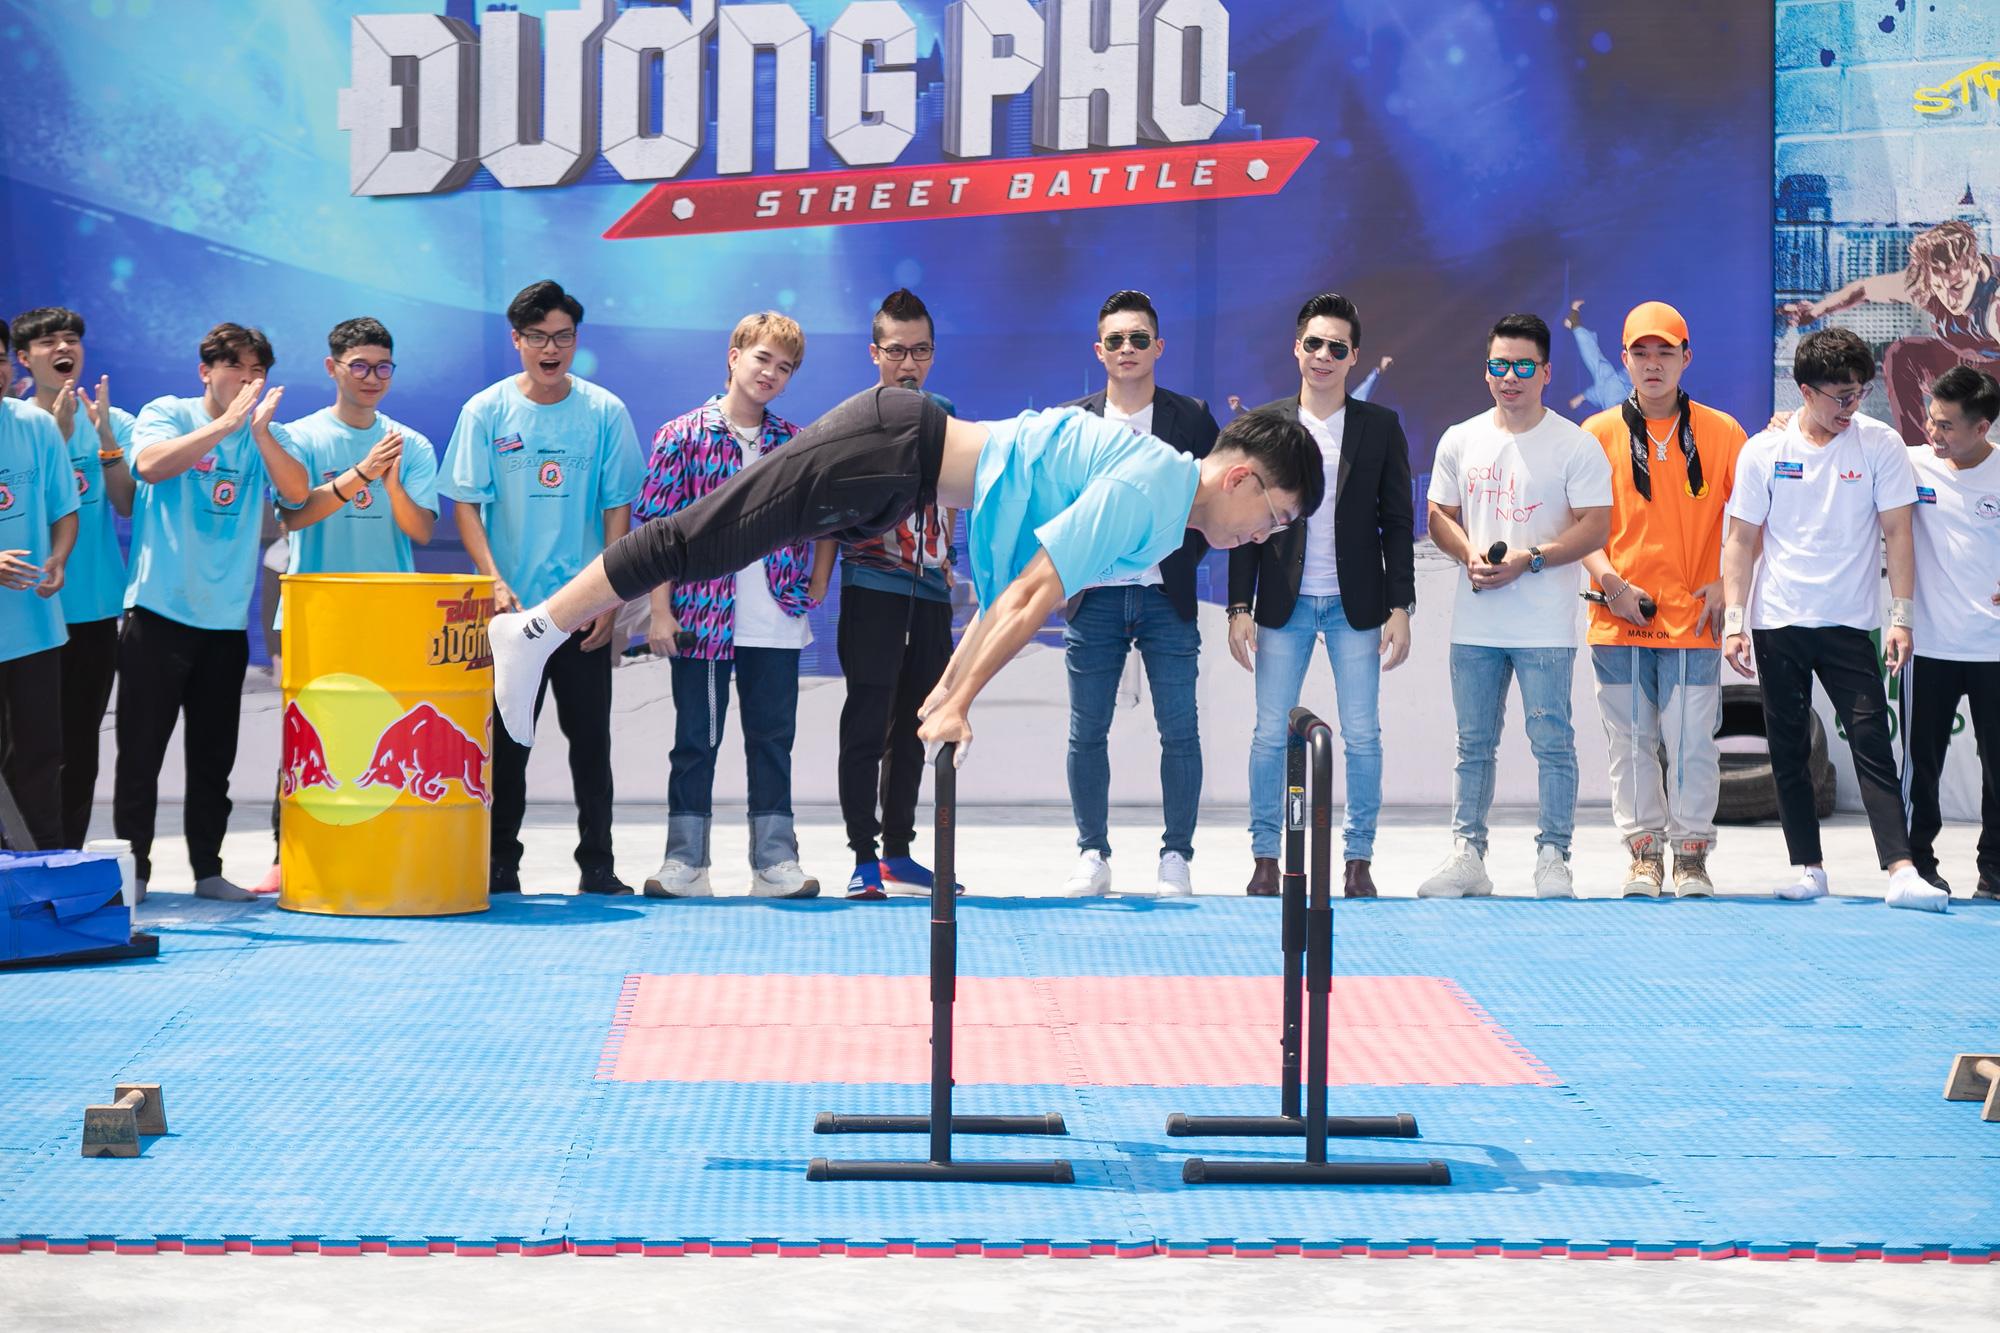 Quốc Cơ - Quốc Nghiệp lần đầu làm giám khảo, đặt mọi kì vọng vào tương lai của xiếc Việt  - Ảnh 2.